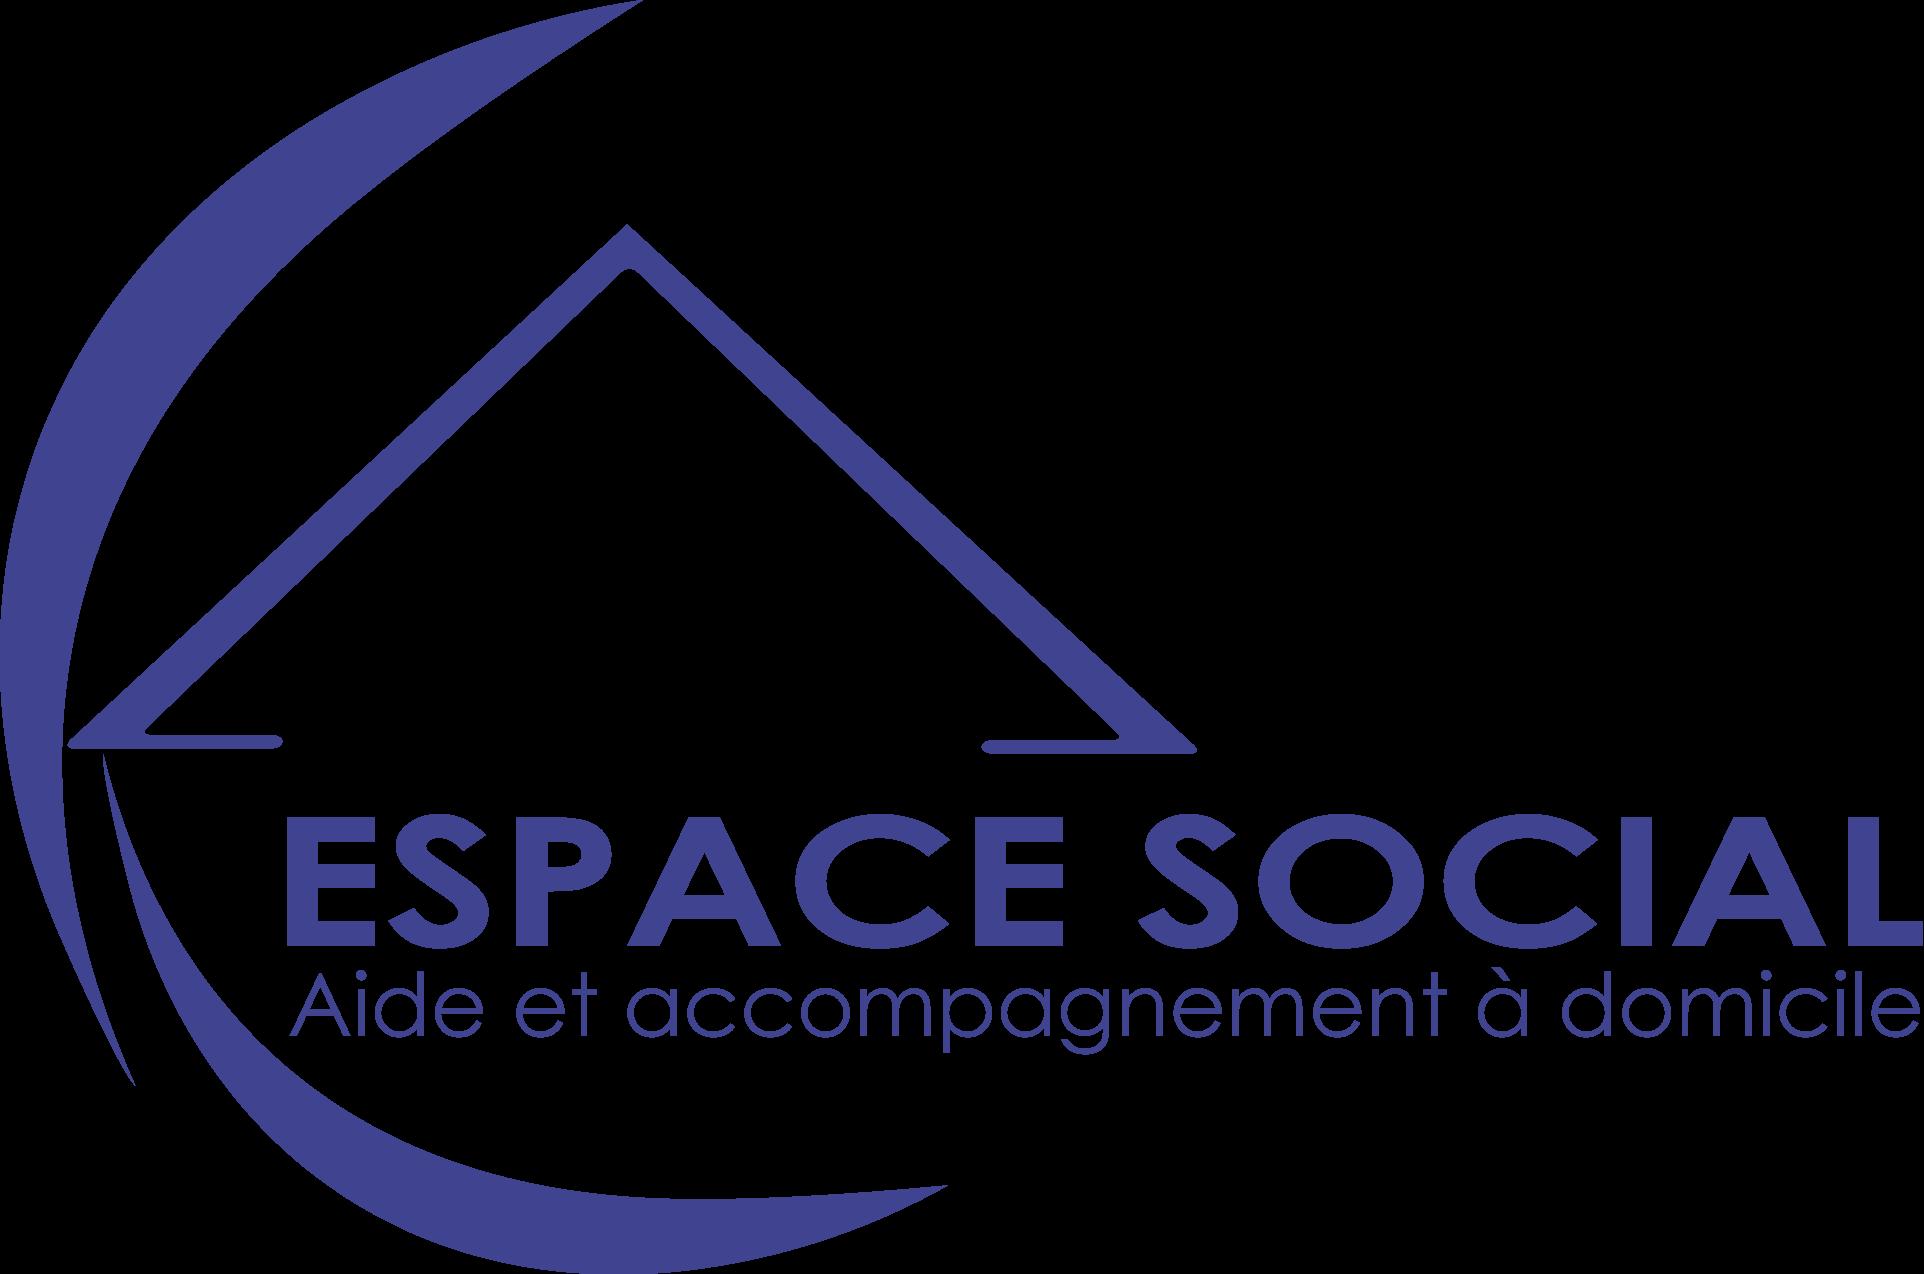 Espace Social Nimes